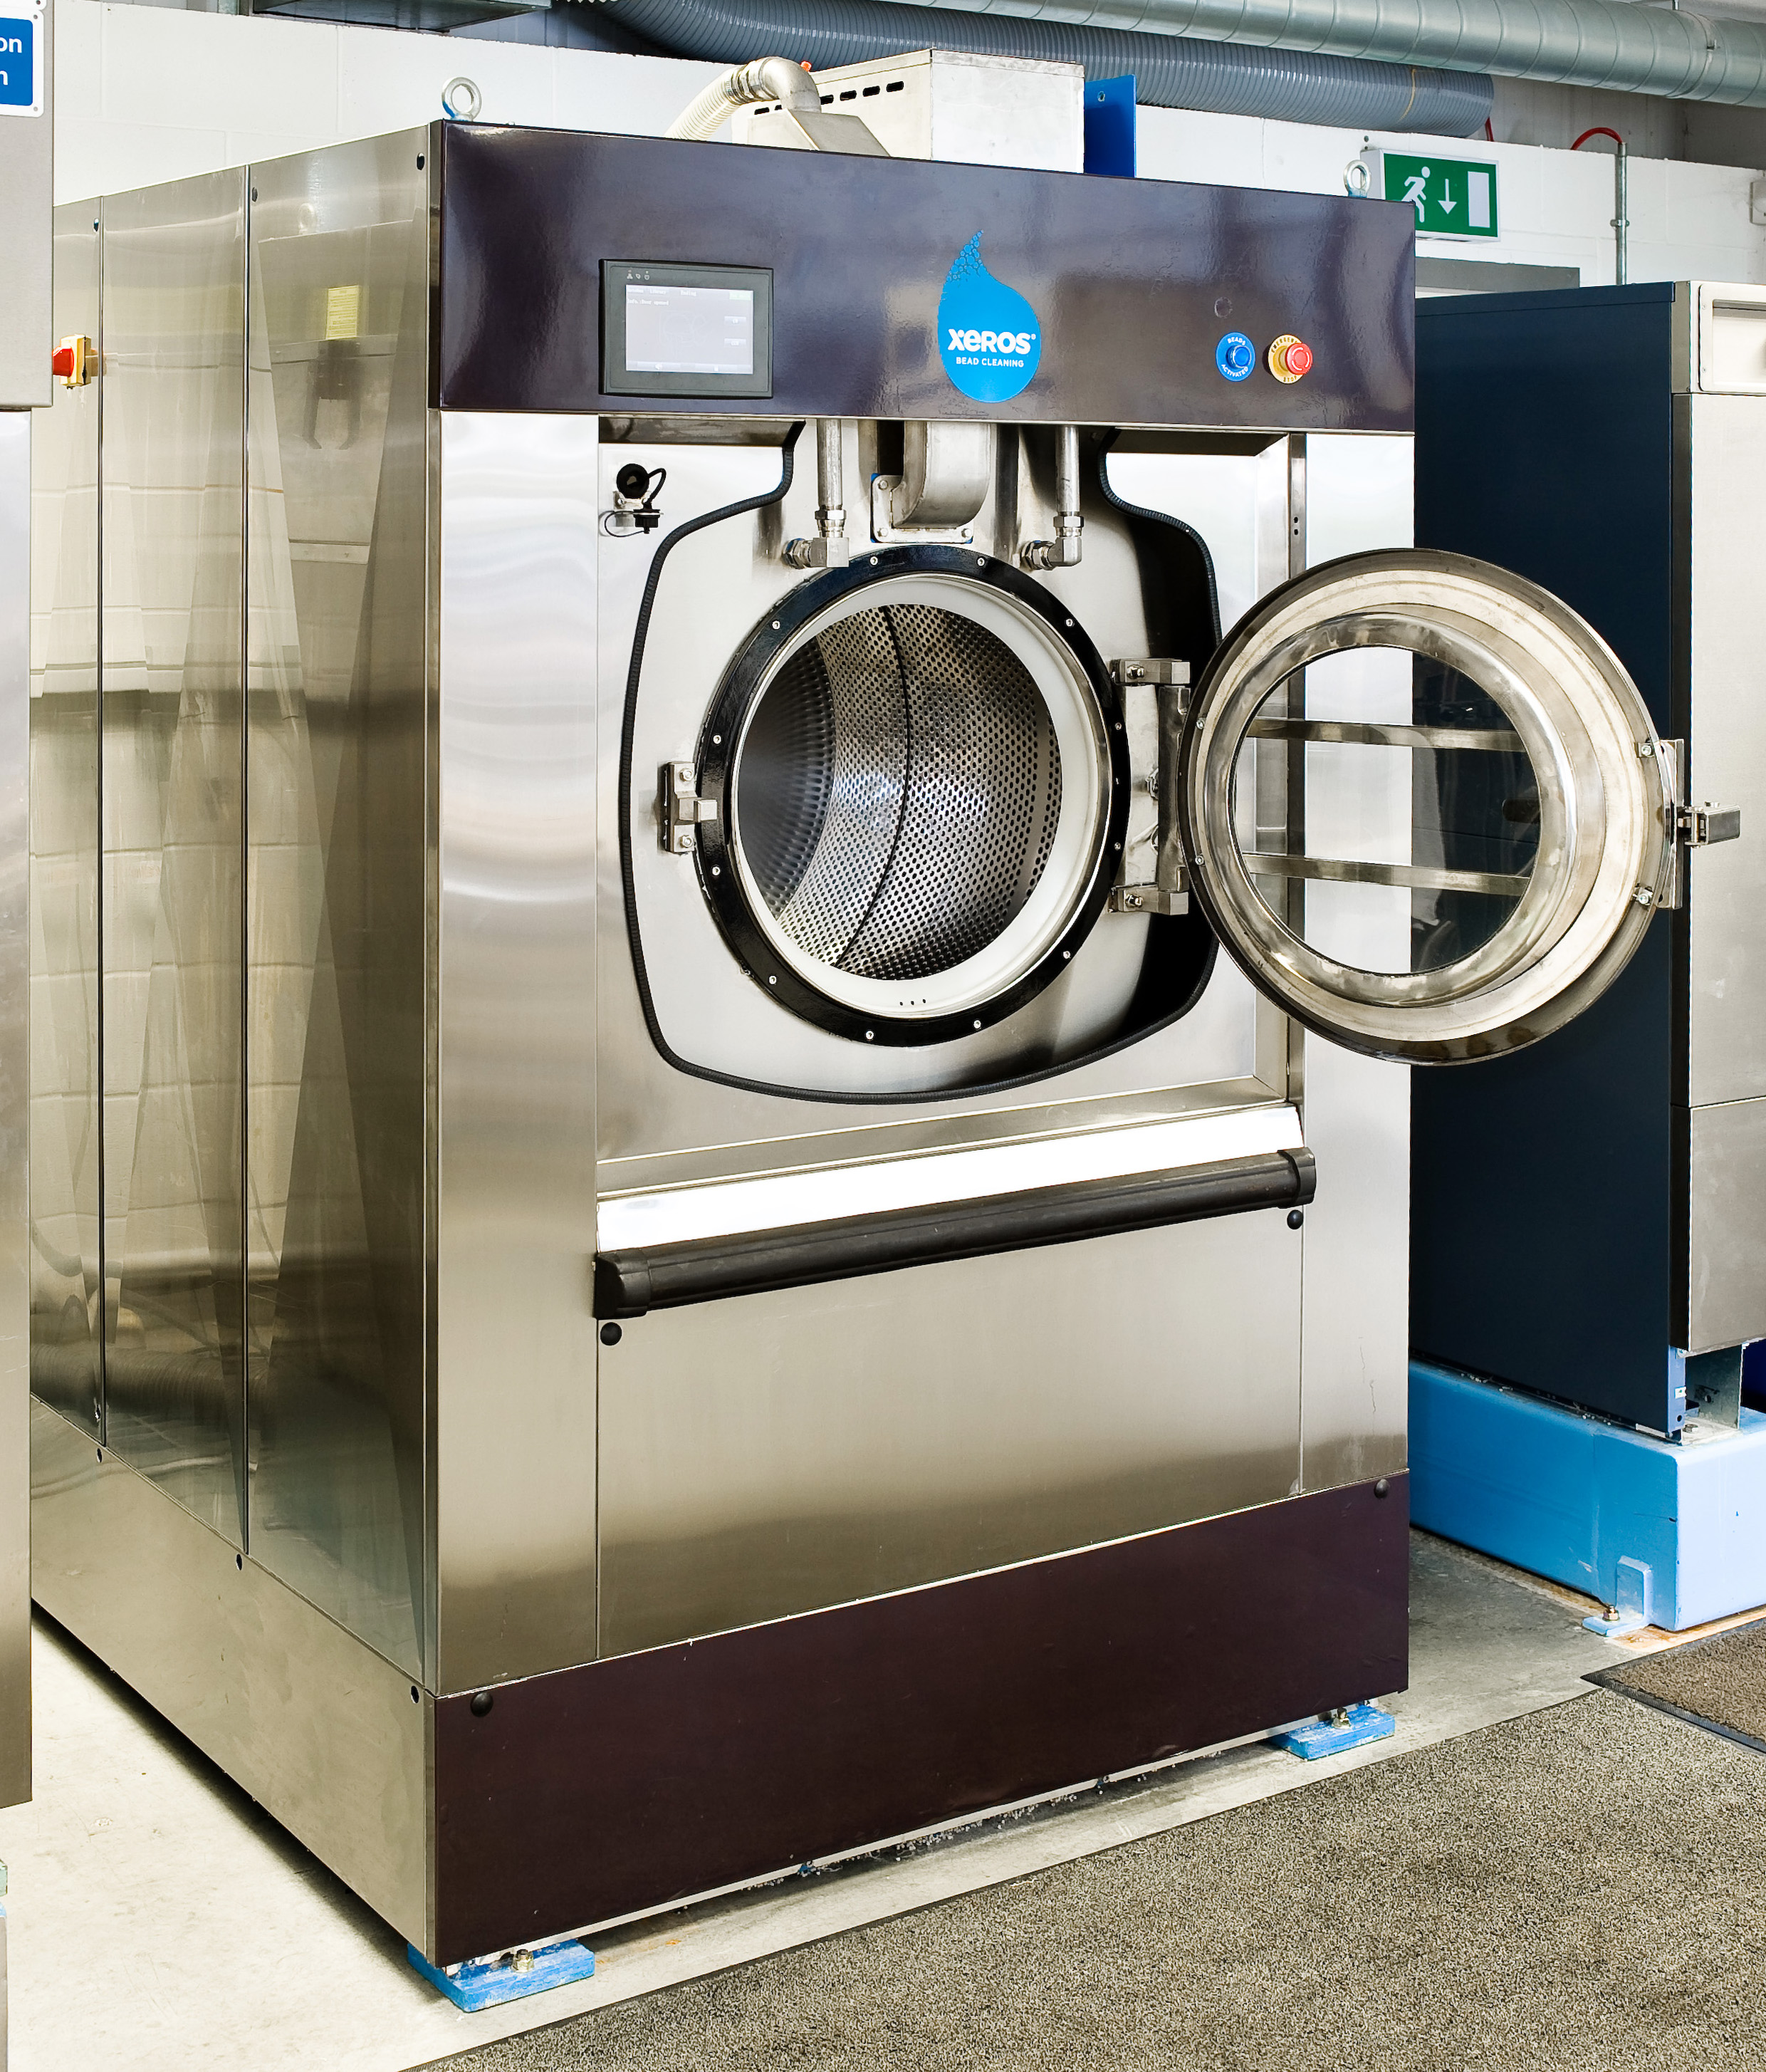 The British business revolutionising washing machines